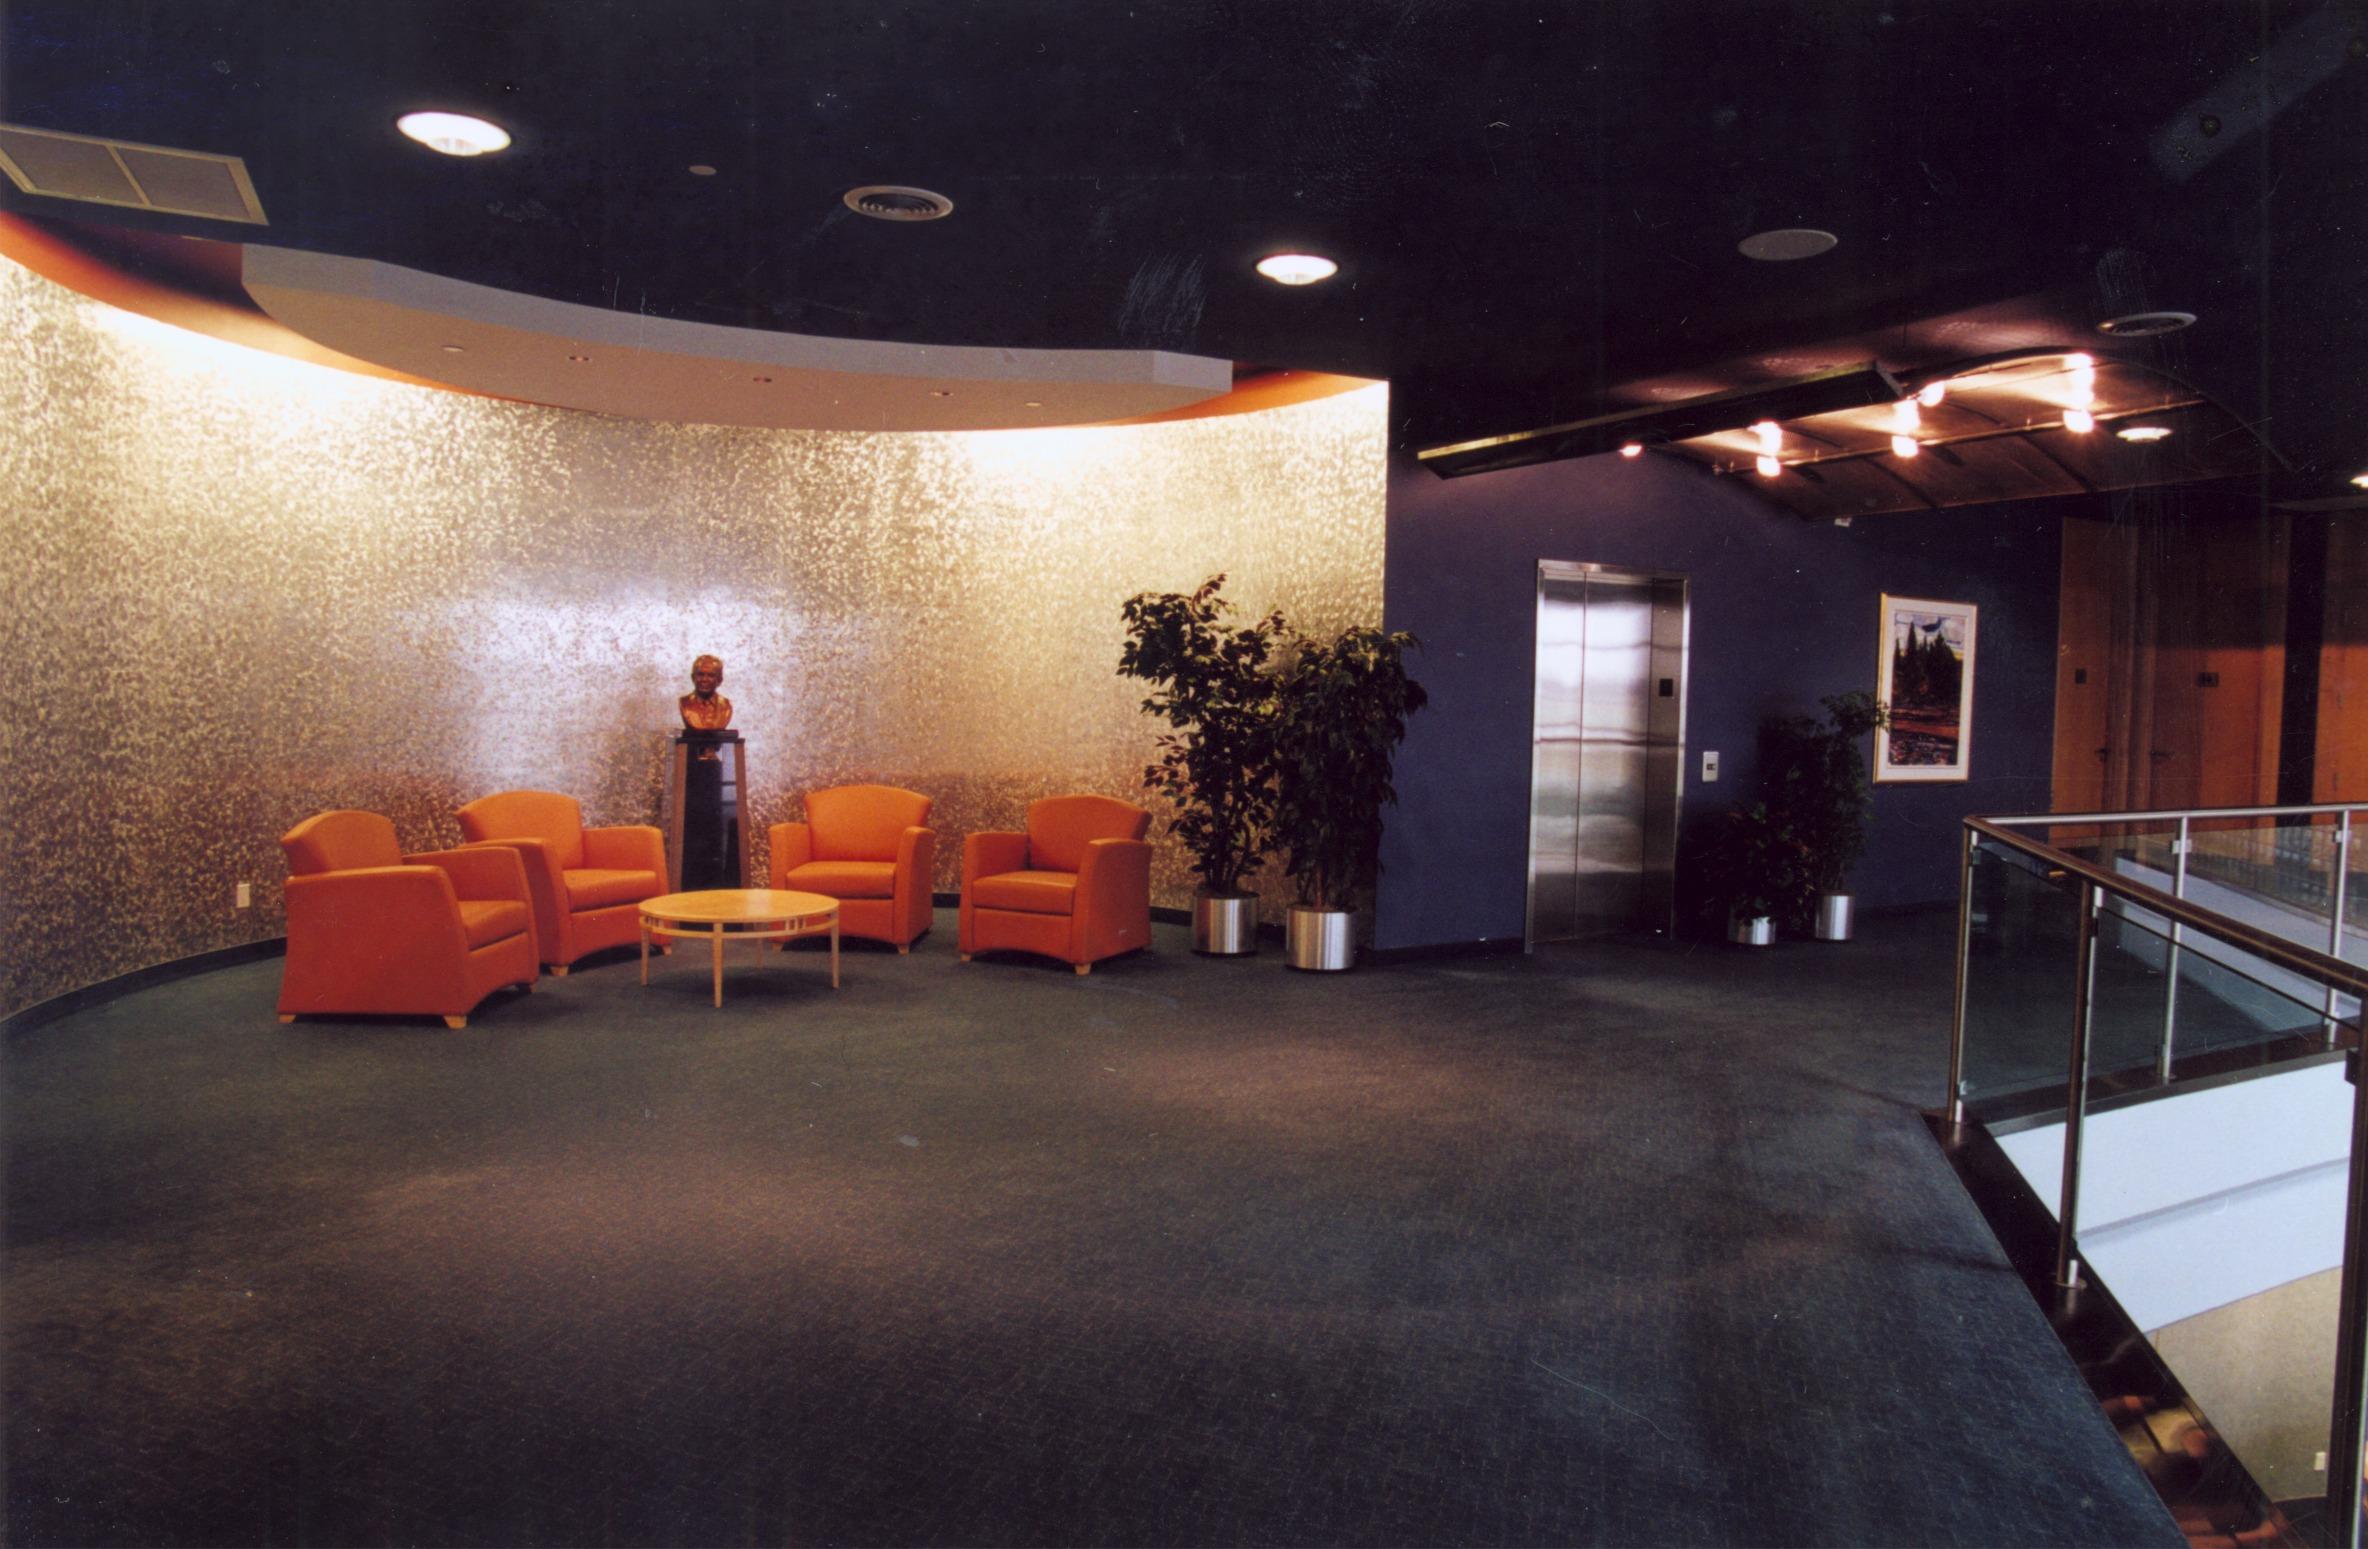 small - Valiant Upper Lobby 2